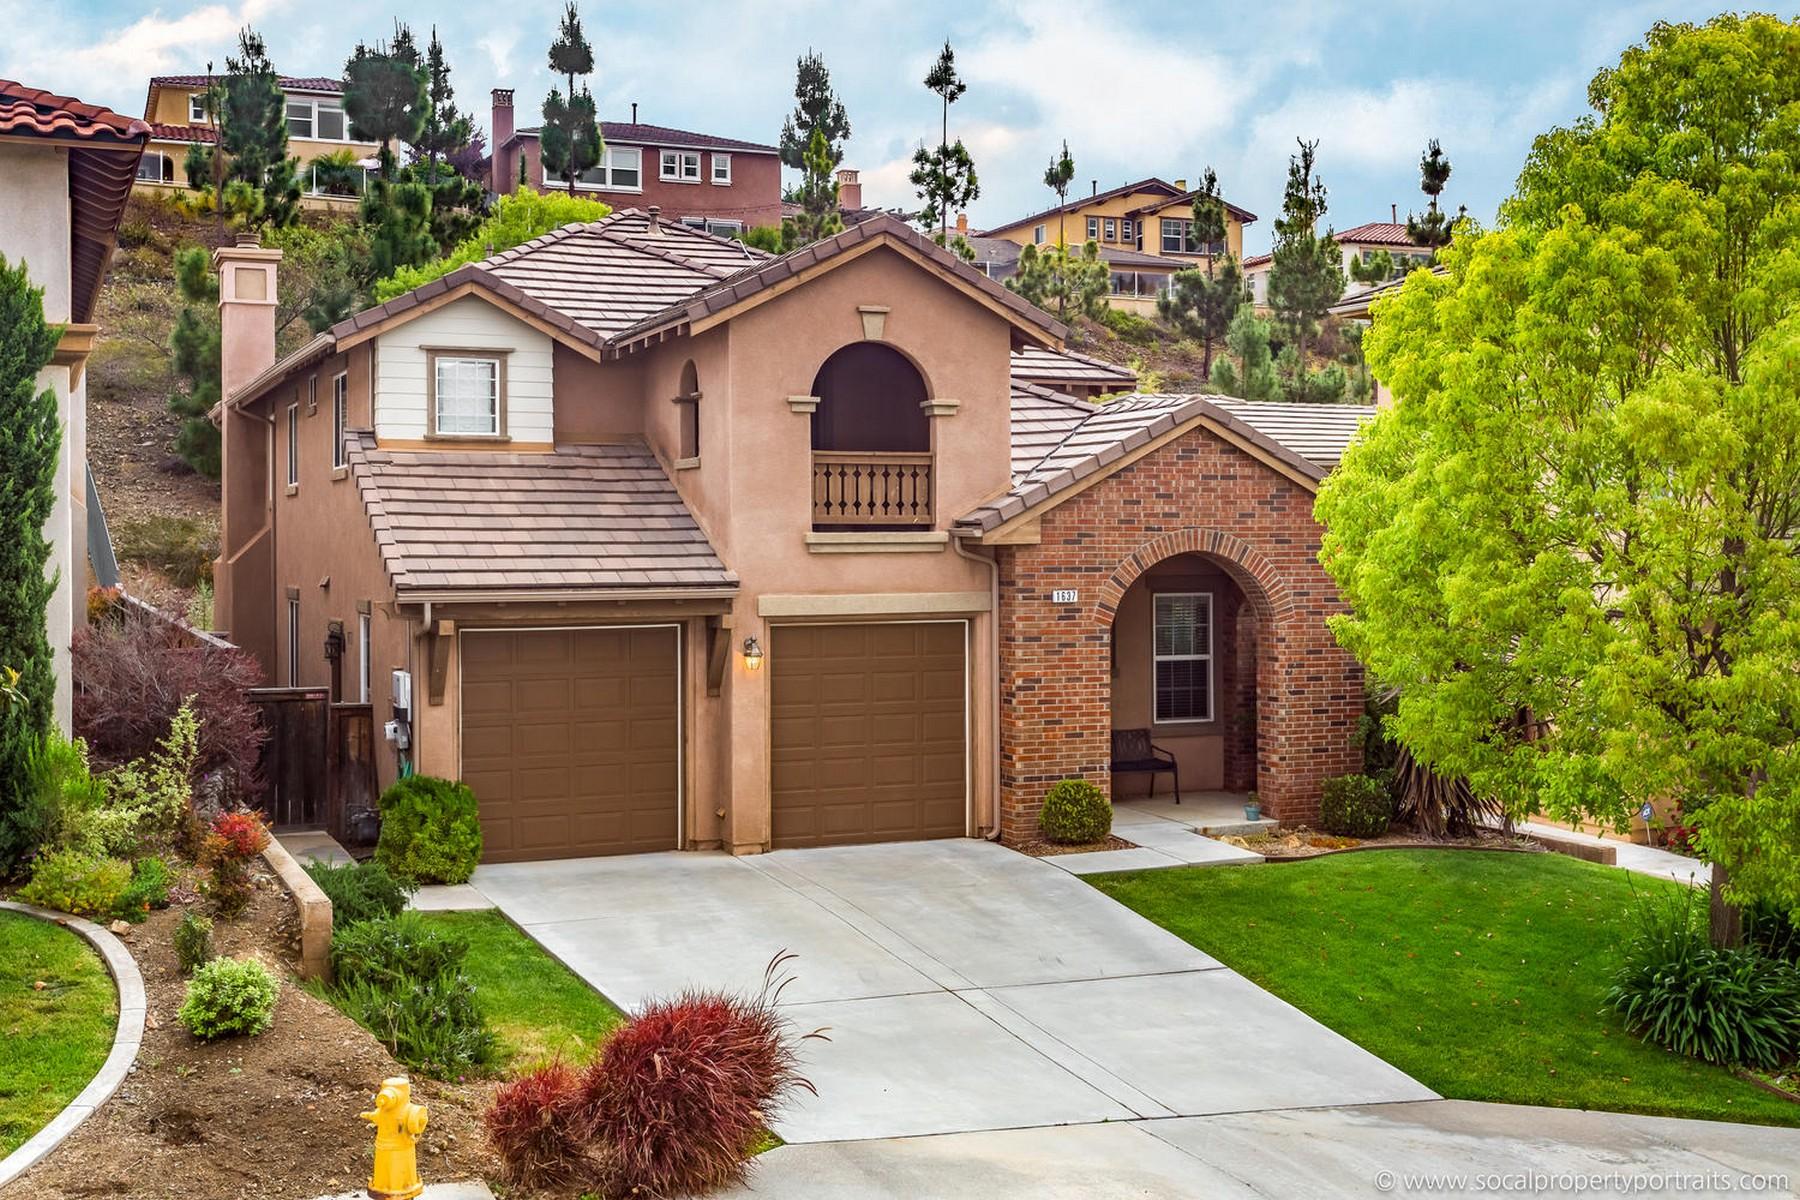 단독 가정 주택 용 매매 에 1637 Reflection 1637 Reflection Street San Marcos, 캘리포니아, 92078 미국